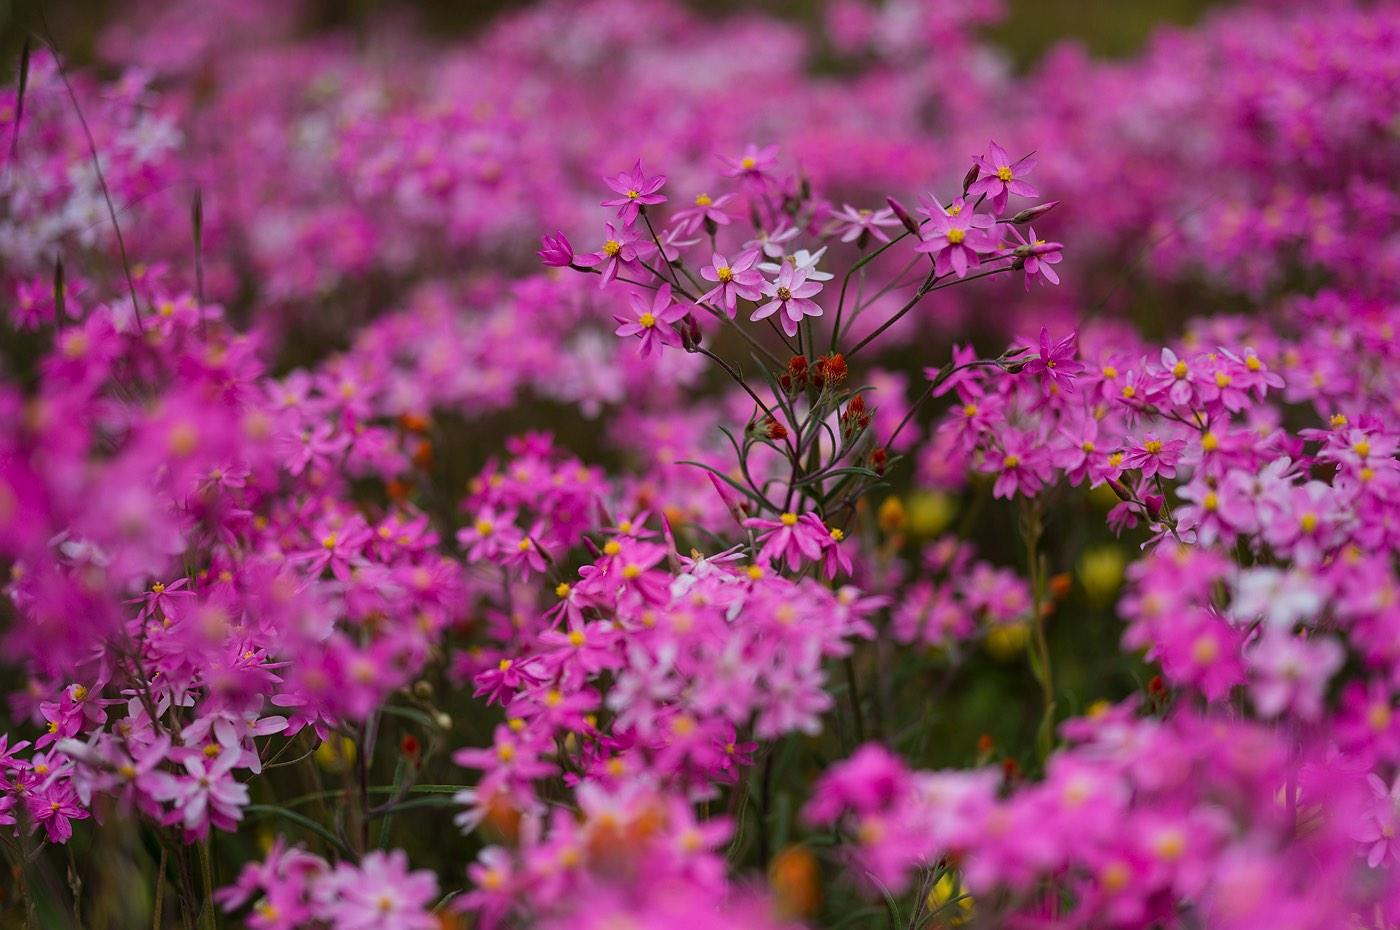 05_wyalkatchem_wildflowers_western_australia_rob-dose